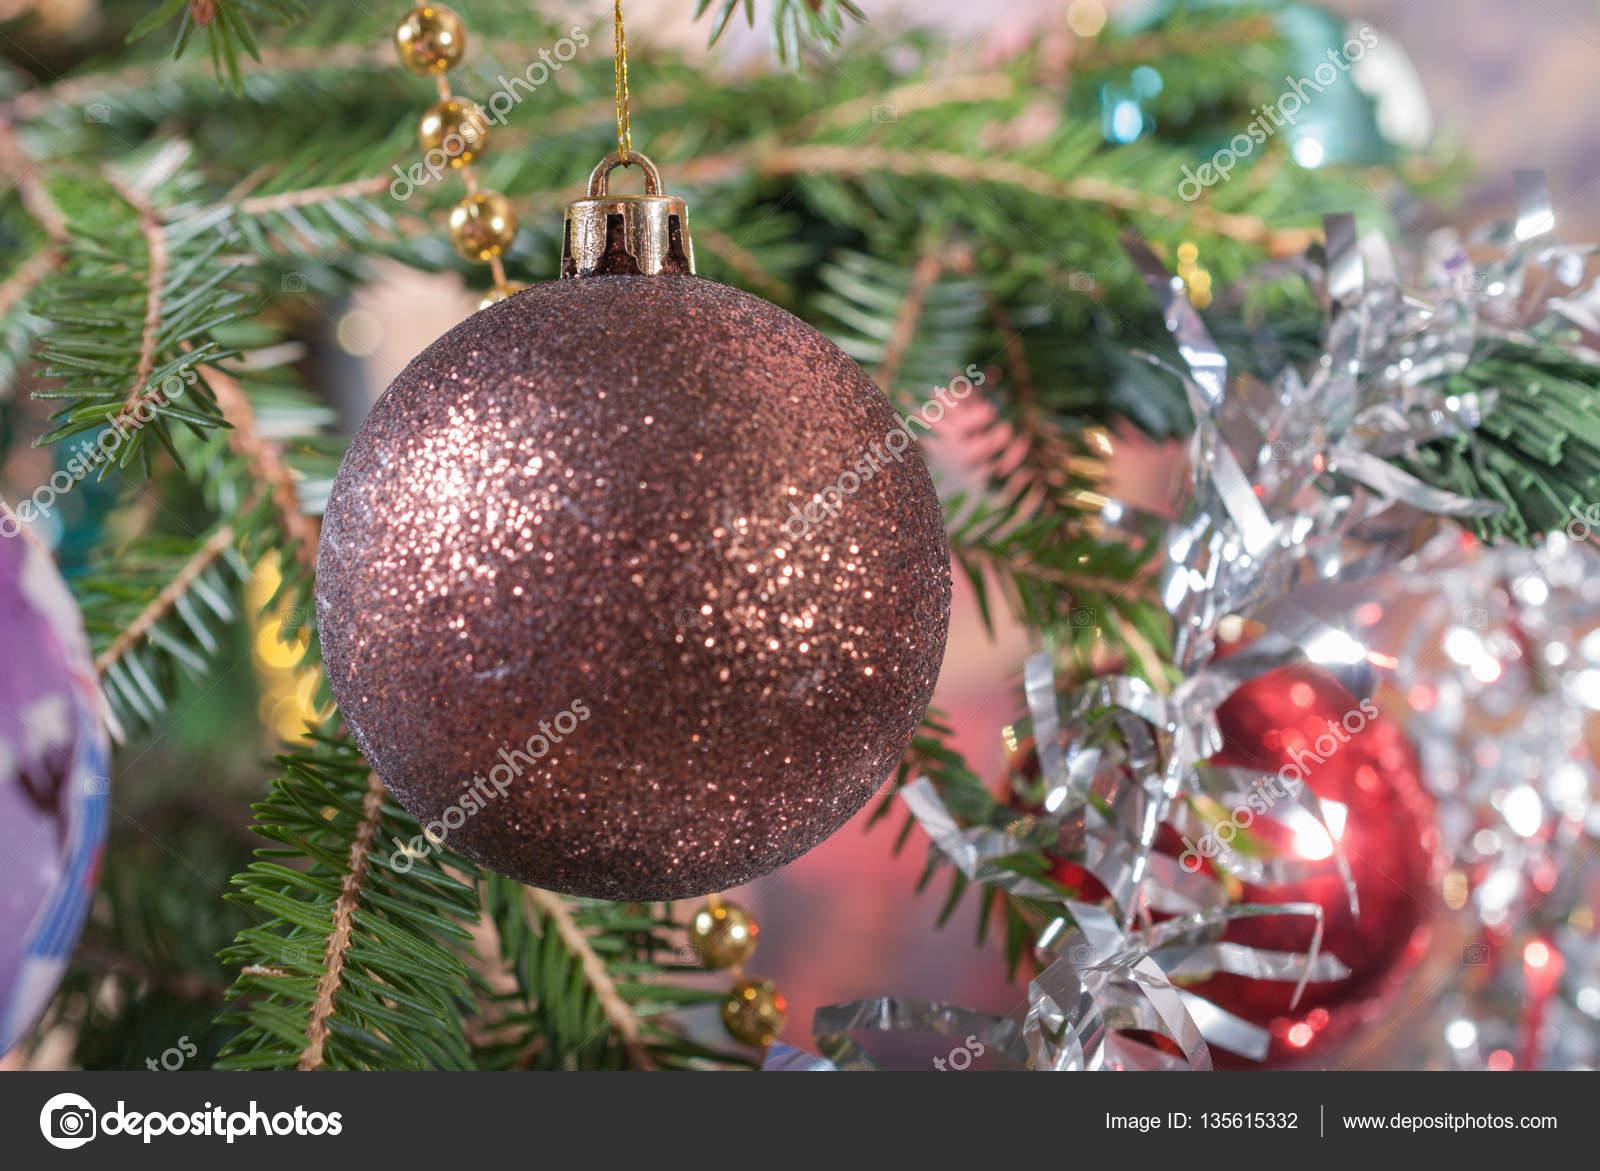 Weihnachtsbaum Girlande.Weihnachts Ball Auf Dem Baum Beule Und Weihnachtsbaum Girlande